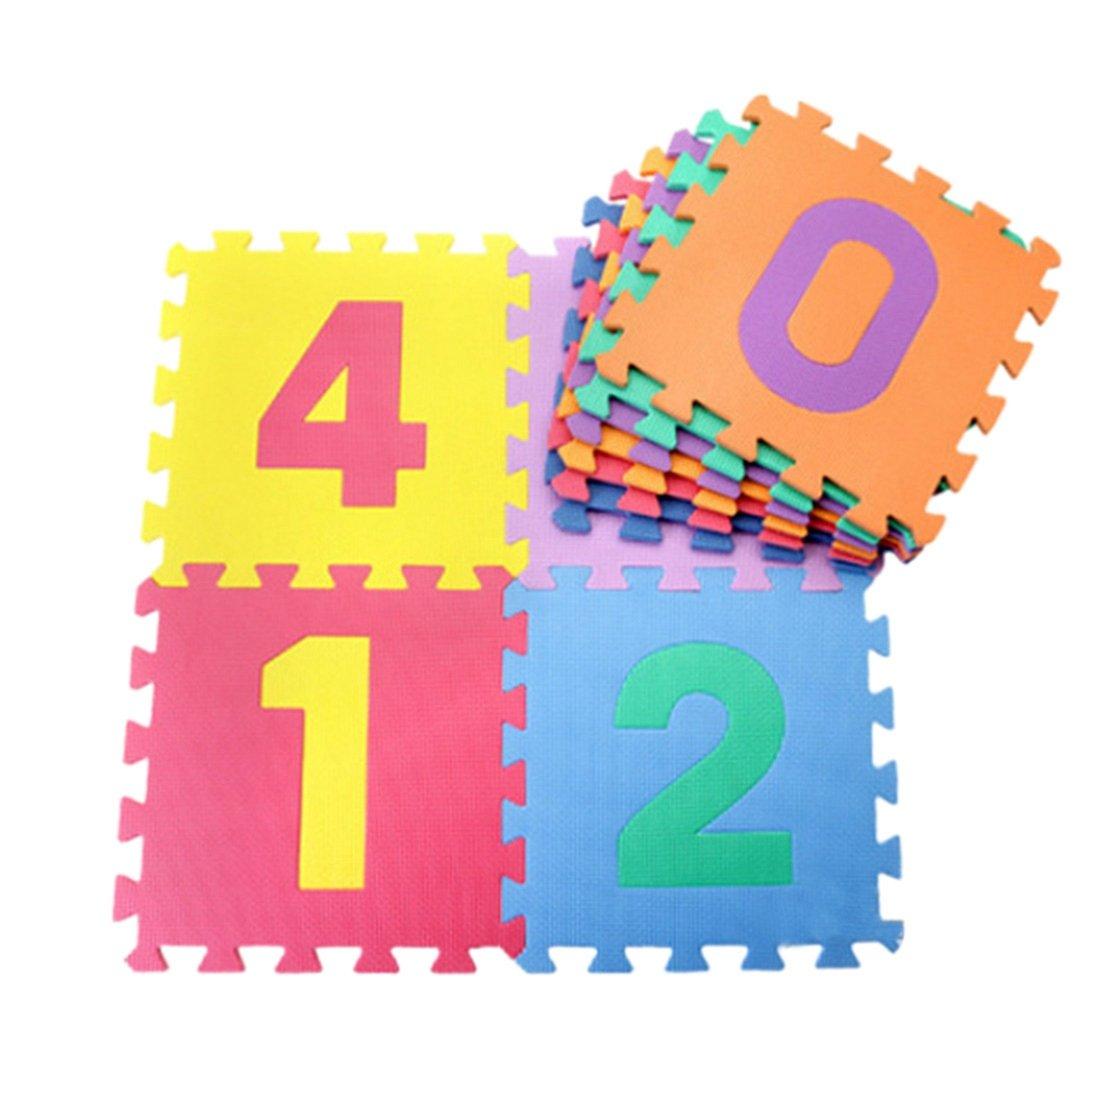 YUENA CARE 10PCS Alfombras Puzzles Infantiles Esteras de Juego de Espuma de Numeros o Letras Alfabeto Educativas Seguras para Bebé Niños Frutas